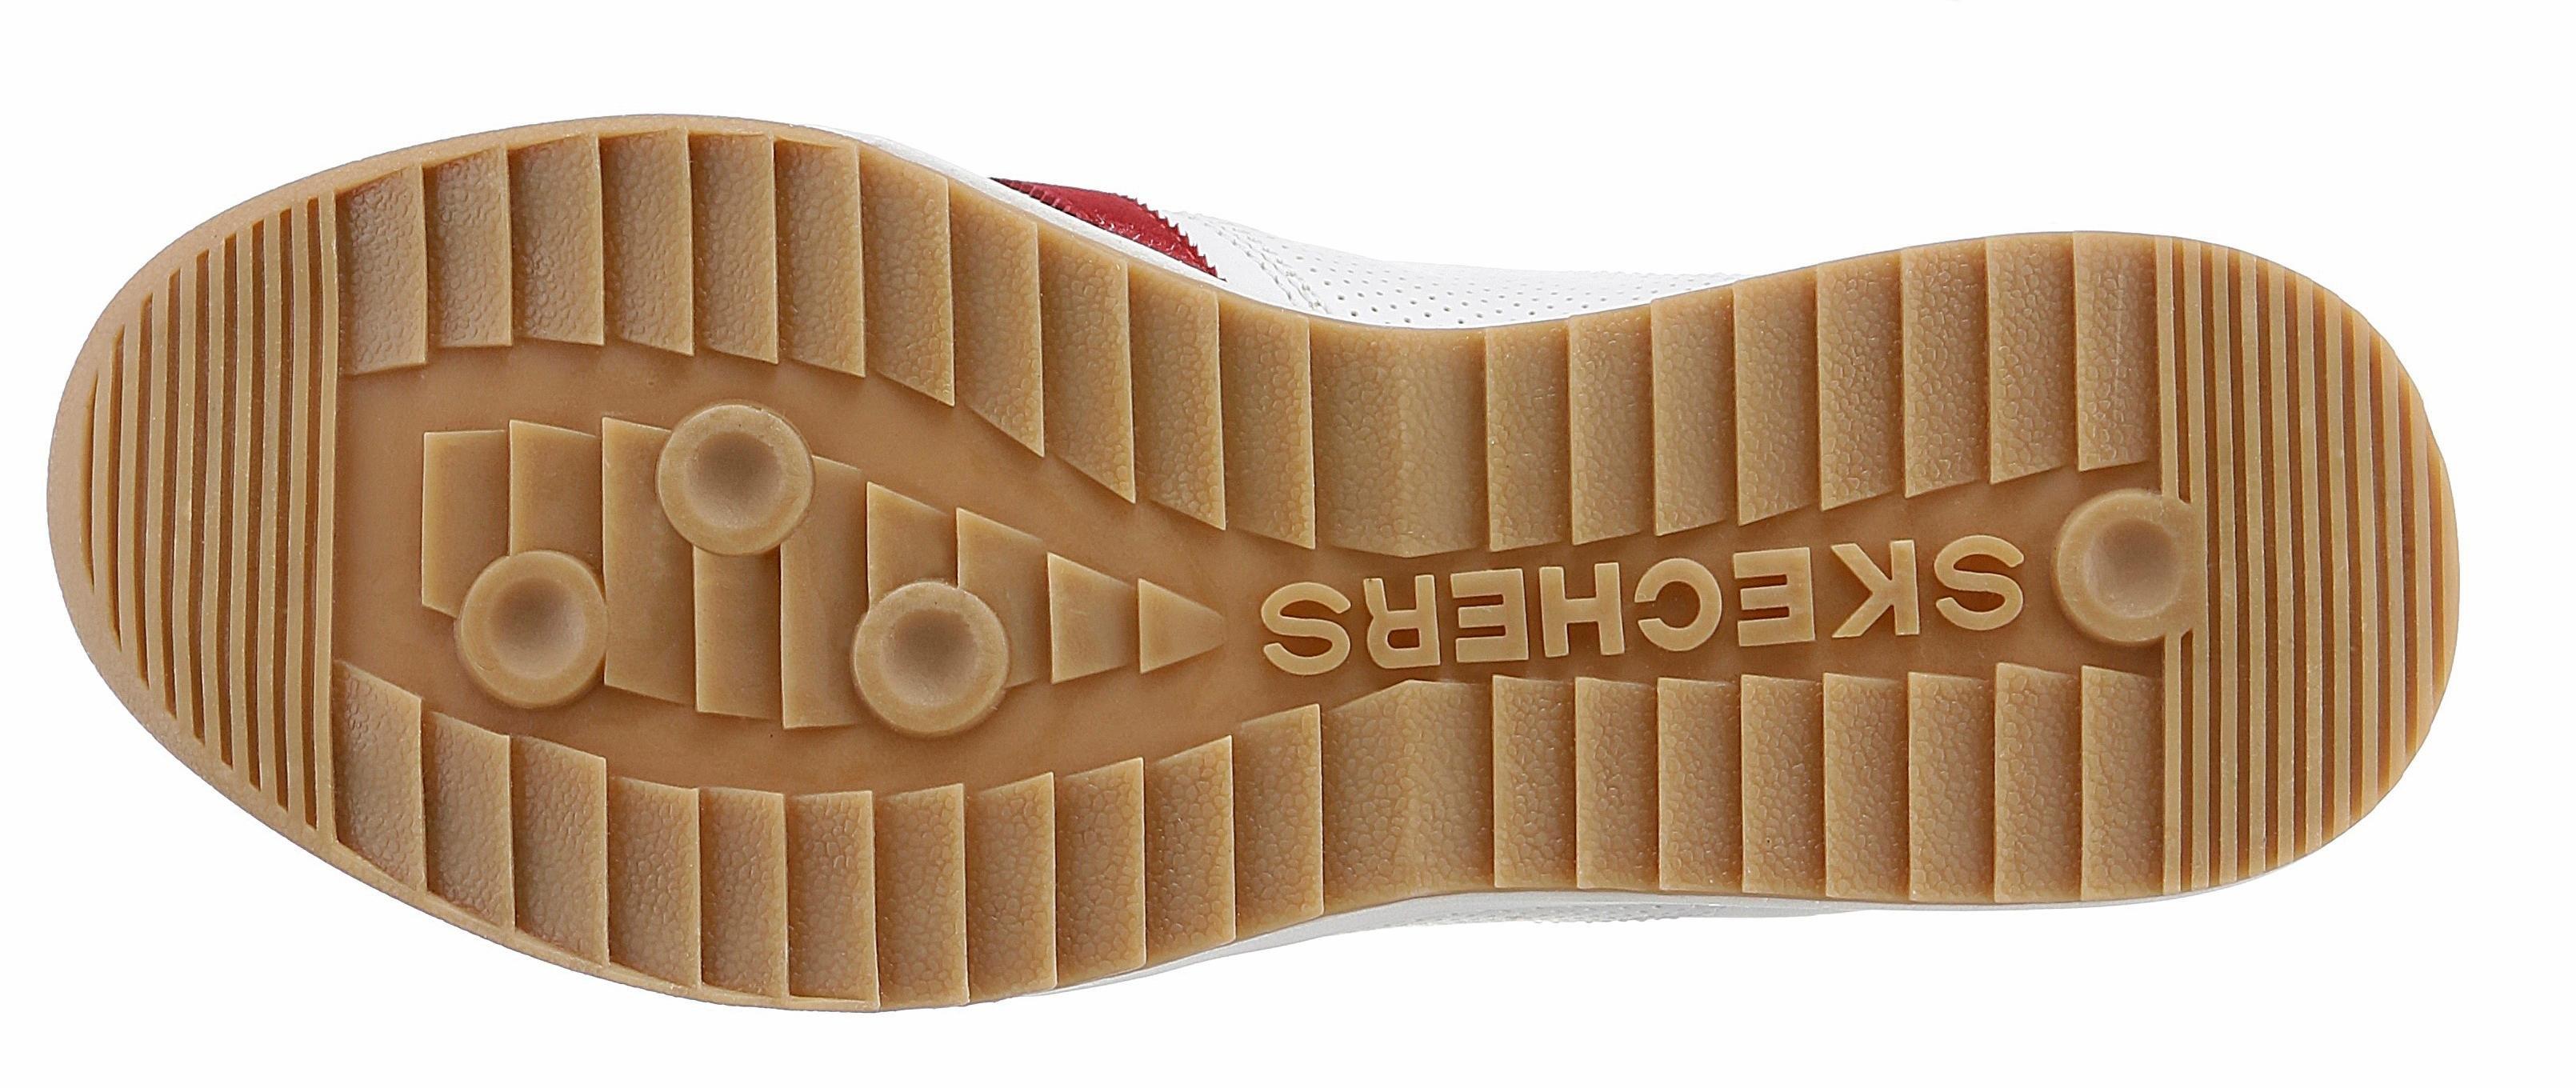 Skechers Sneakerszinger Gekocht Skechers Sneakerszinger Makkelijk stxrdhCQ